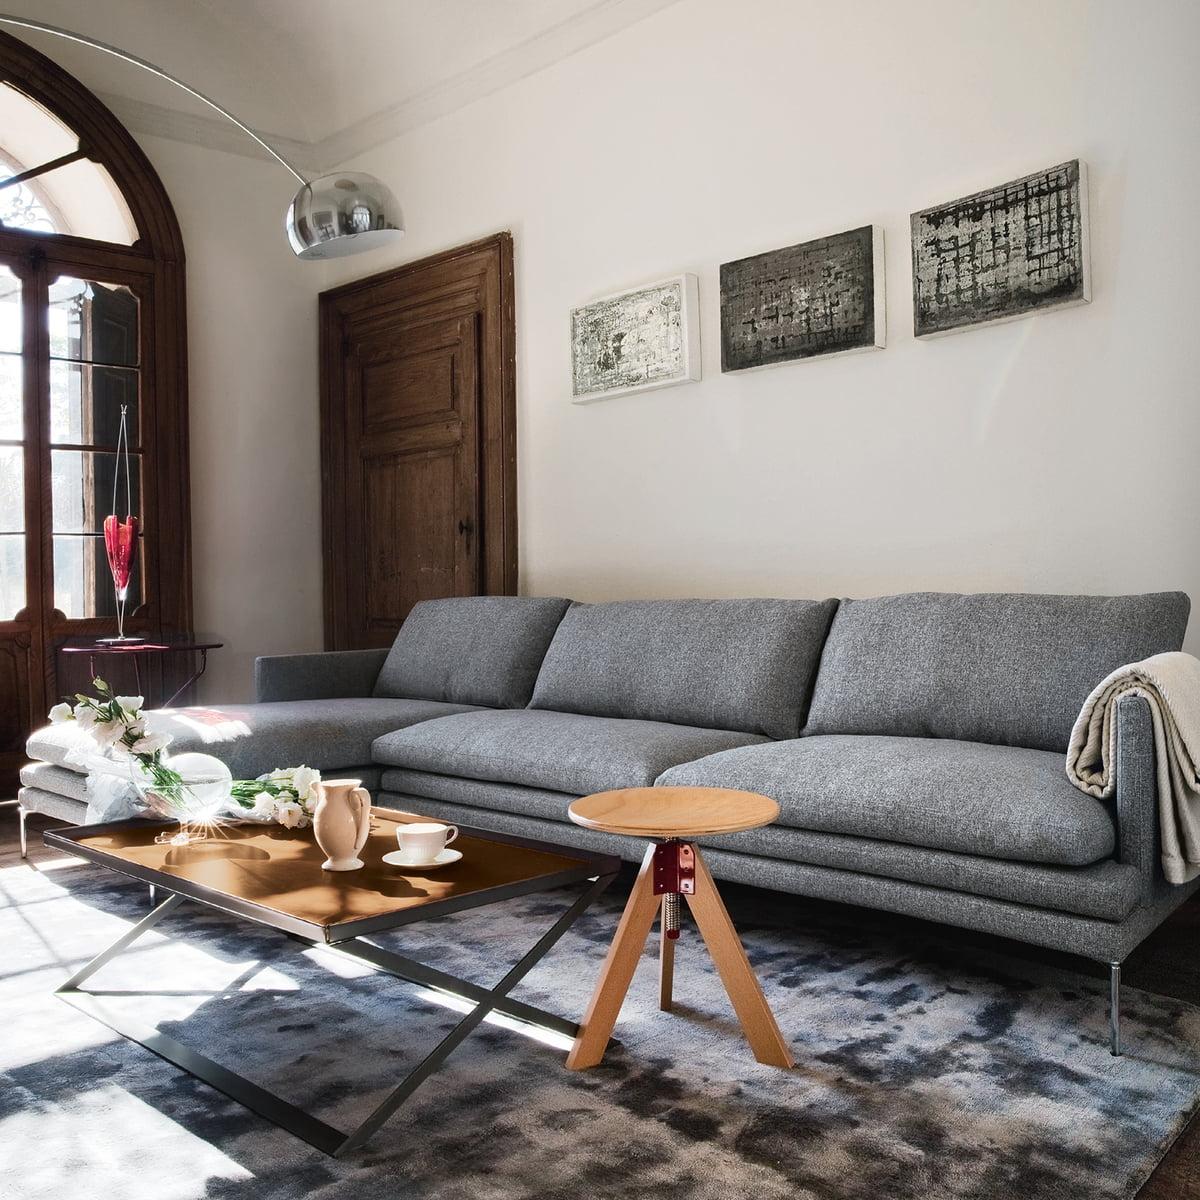 The William Sofa By Zanotta In The Shop